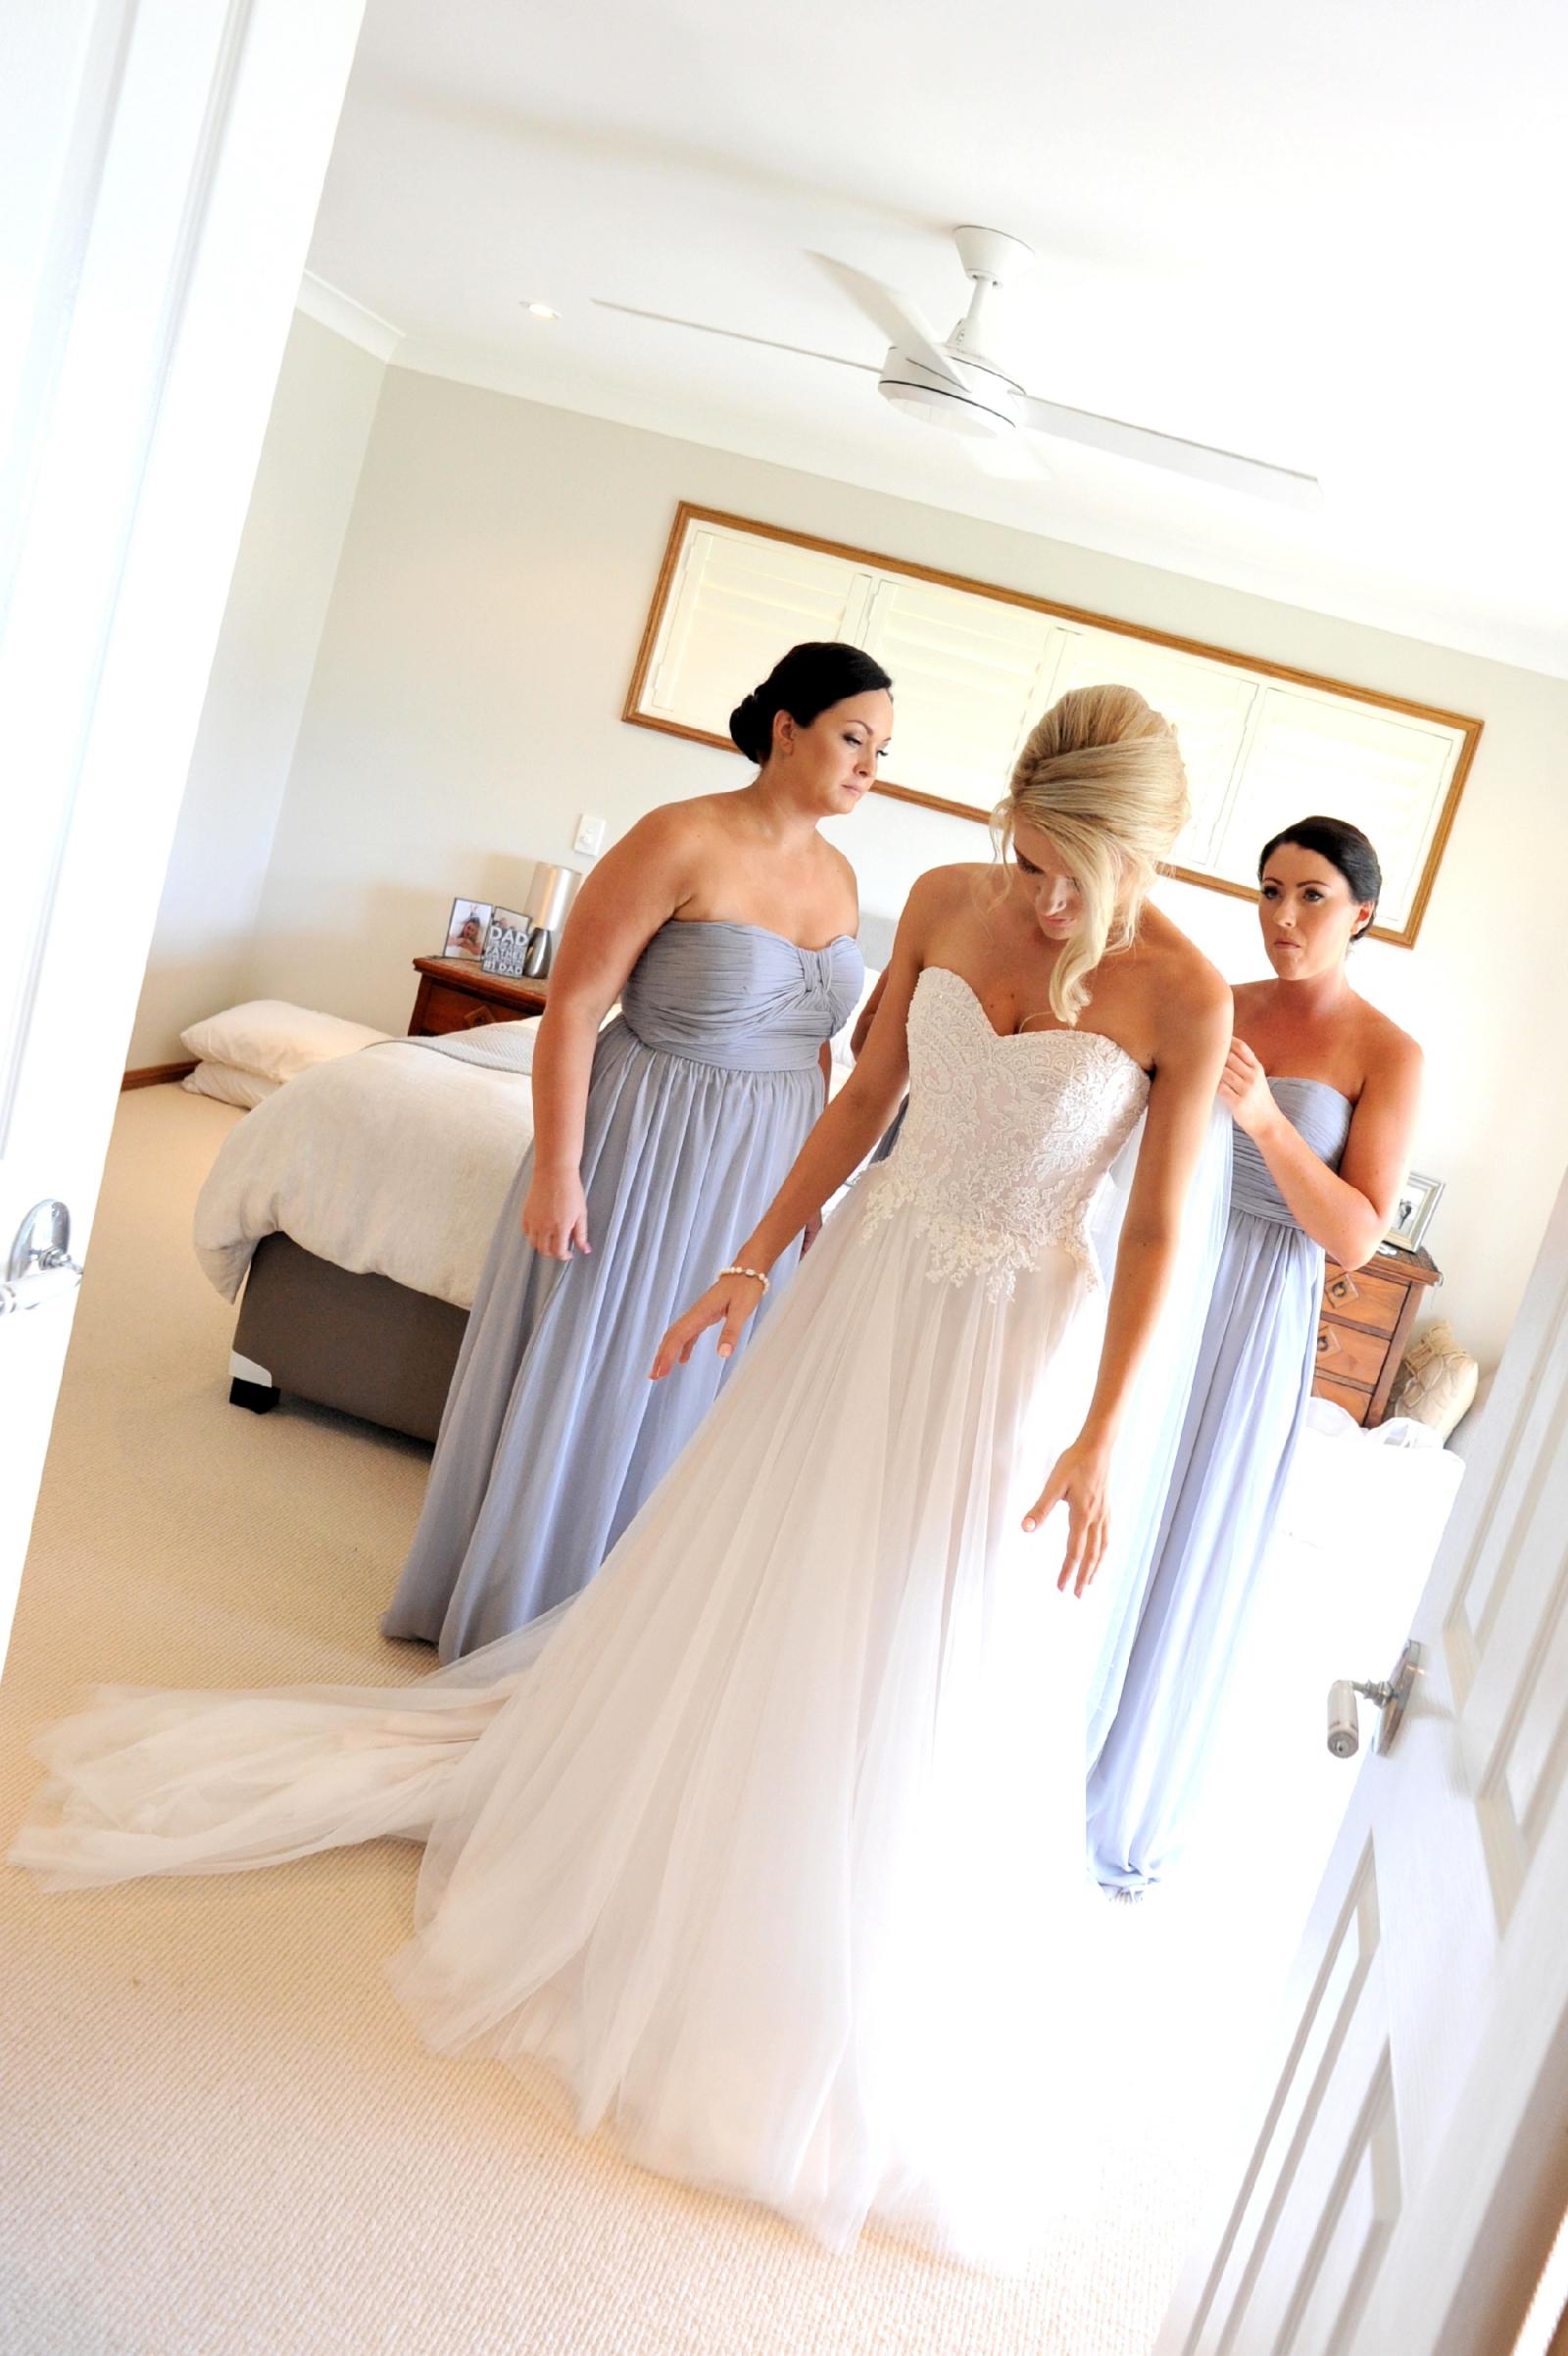 Wendy Sullivan Valerie - Second Hand Wedding Dresses - Stillwhite